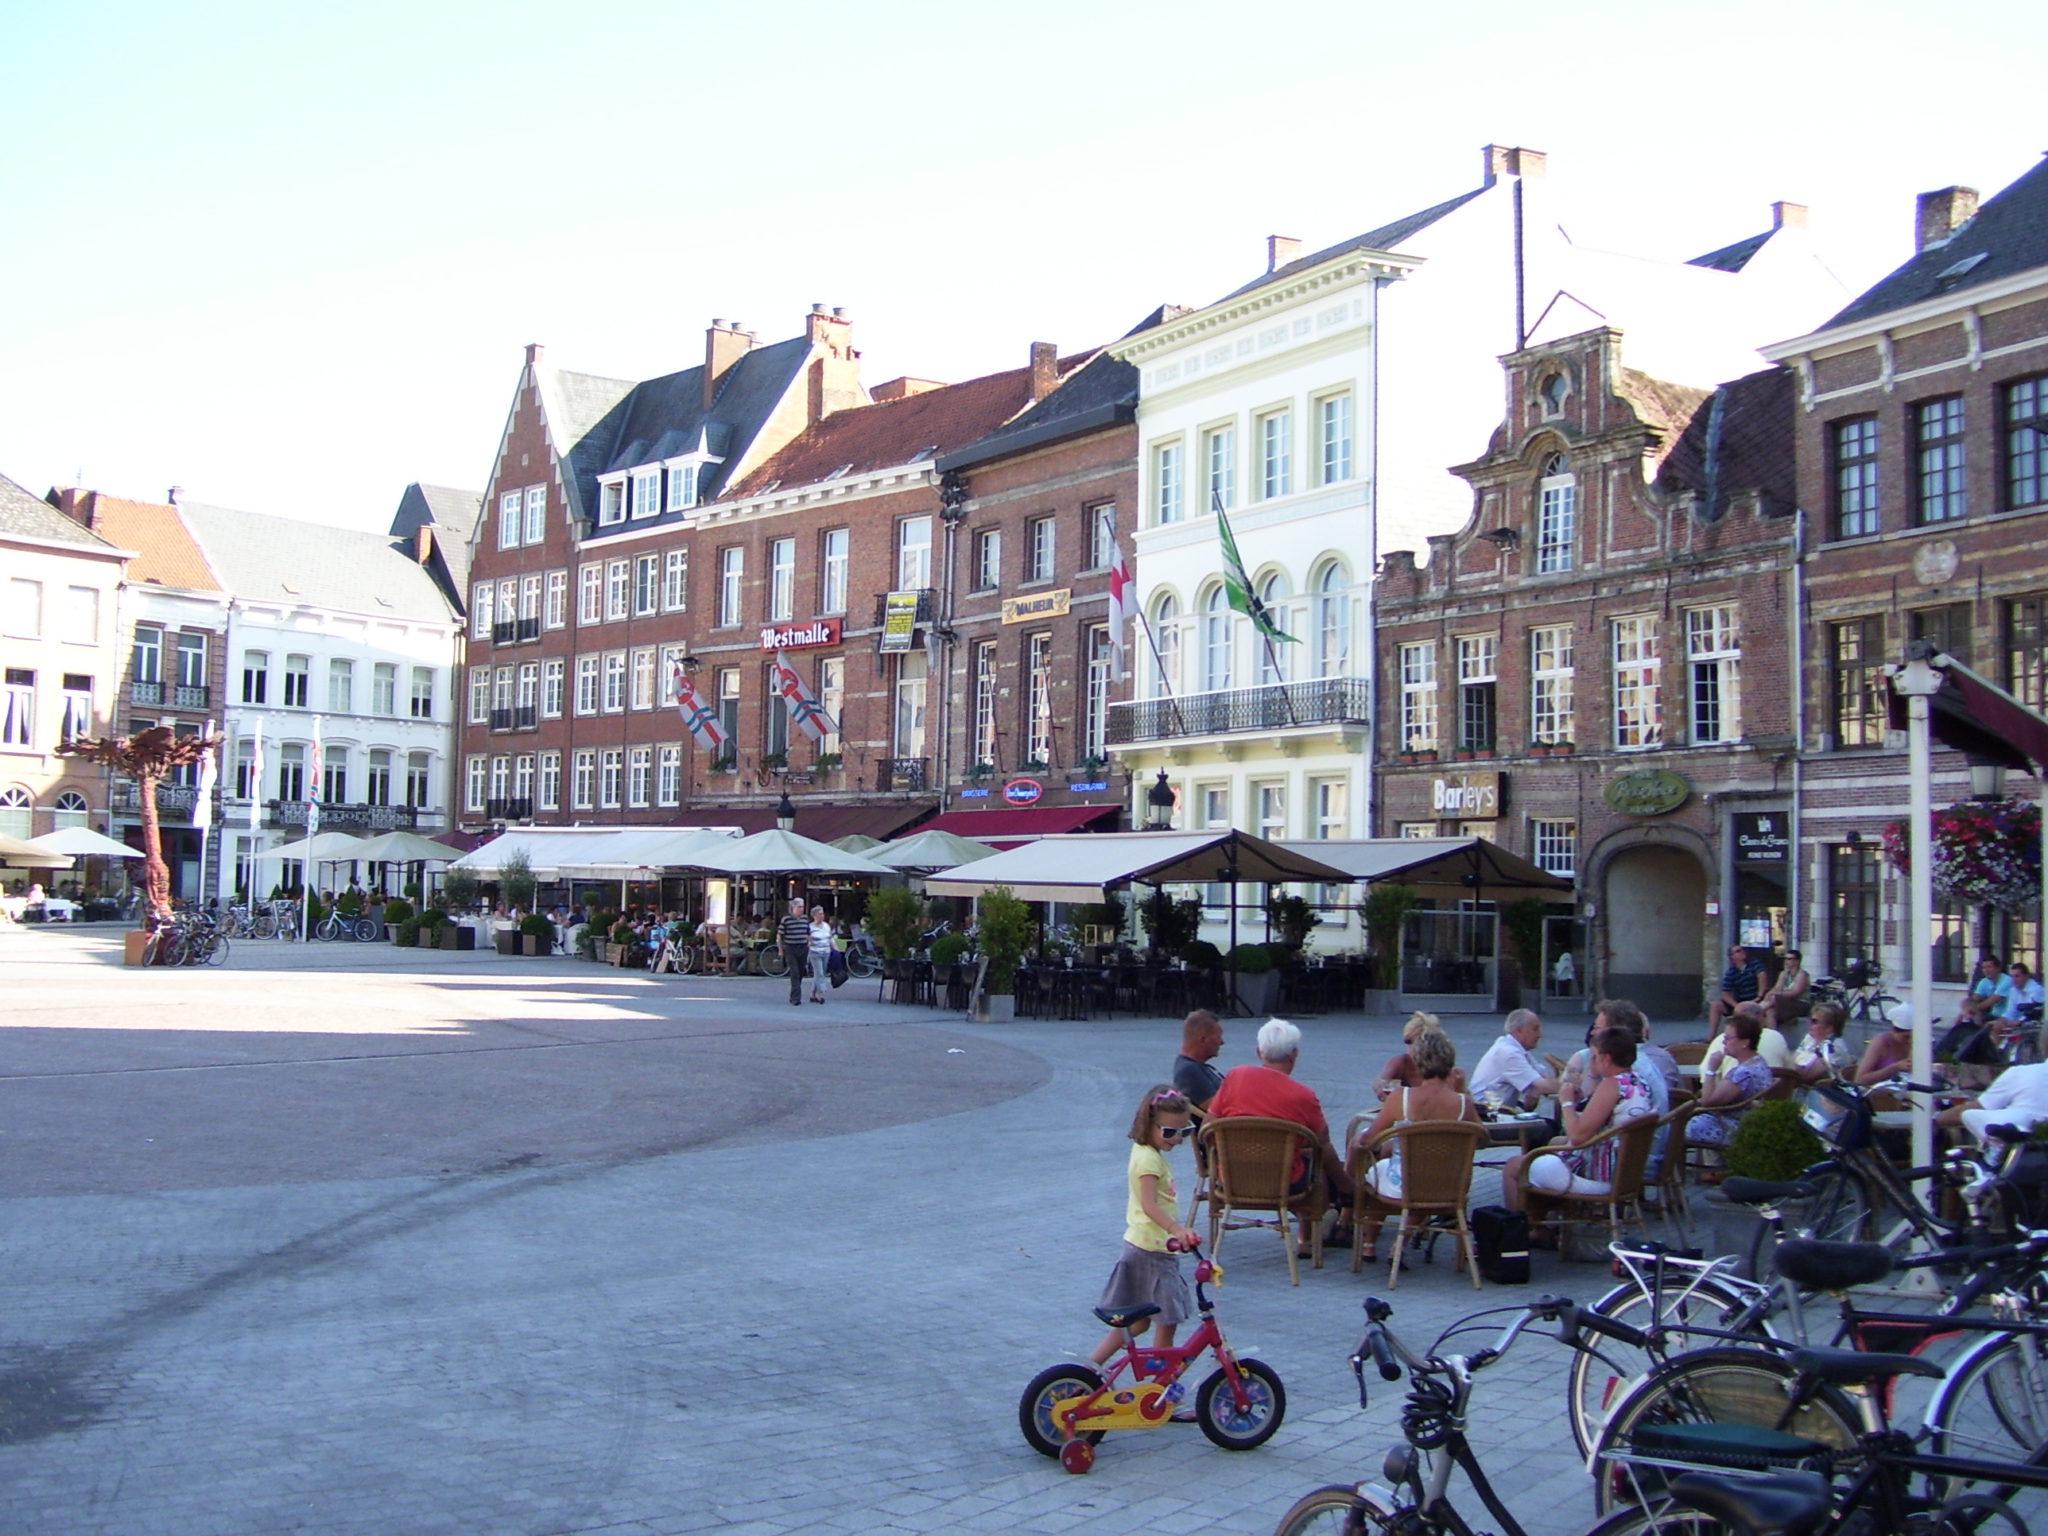 Dendermonde, zoveel meer dan een stad aan de samenvloeiing van de Schelde en de Dender.